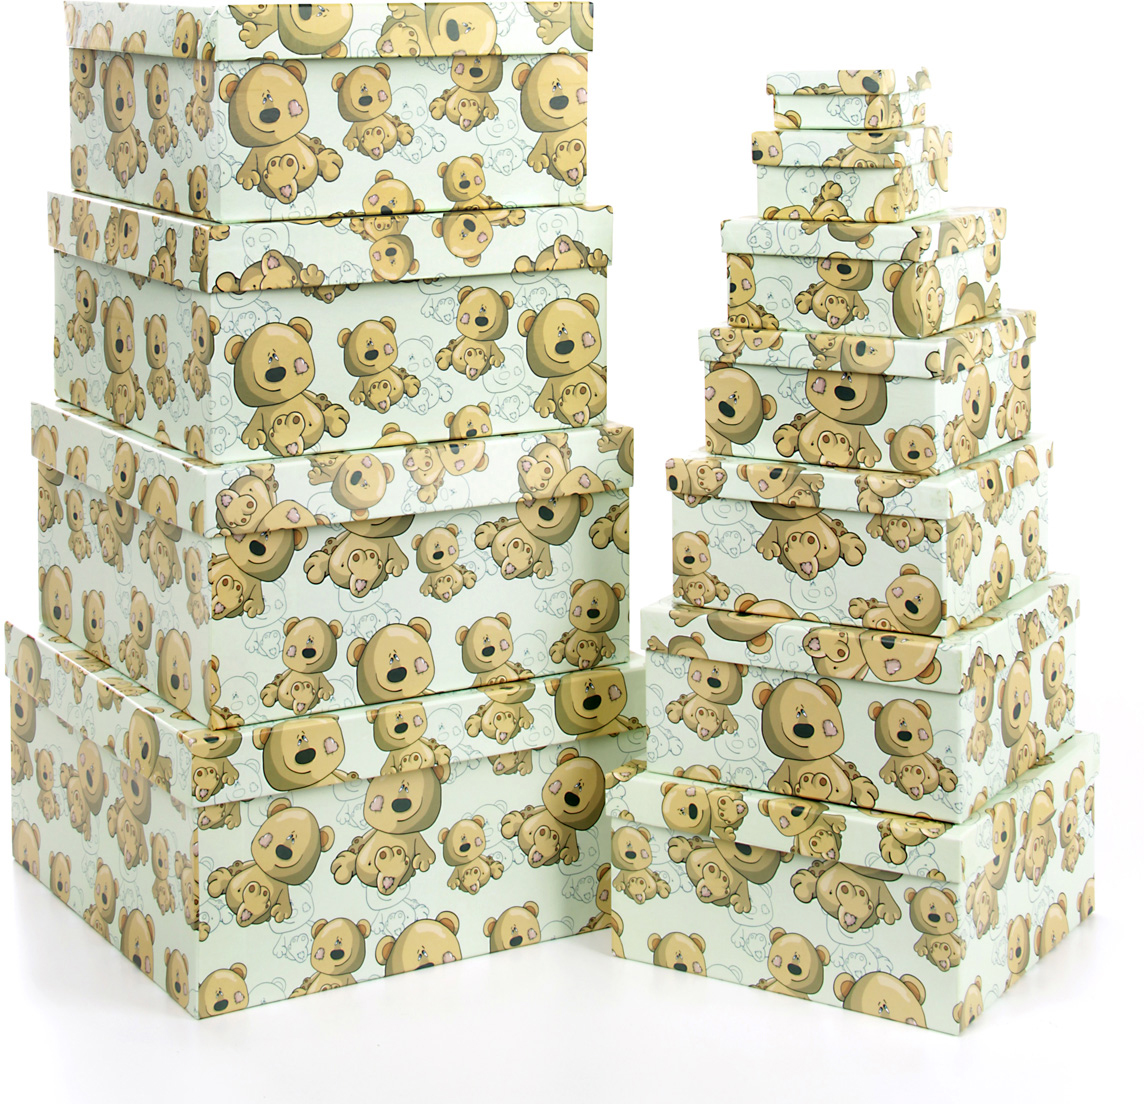 Набор подарочных коробок Veld-Co Плюшевый улыбака, 11 шт57557Подарочные коробки Veld-Co - это наилучшее решение, если выхотите порадовать ваших близких и создать праздничное настроение, ведь подарок, преподнесенный в оригинальной упаковке, всегда будет самым эффектным и запоминающимся. Окружите близких людей вниманием и заботой, вручив презент в нарядном, праздничном оформлении.